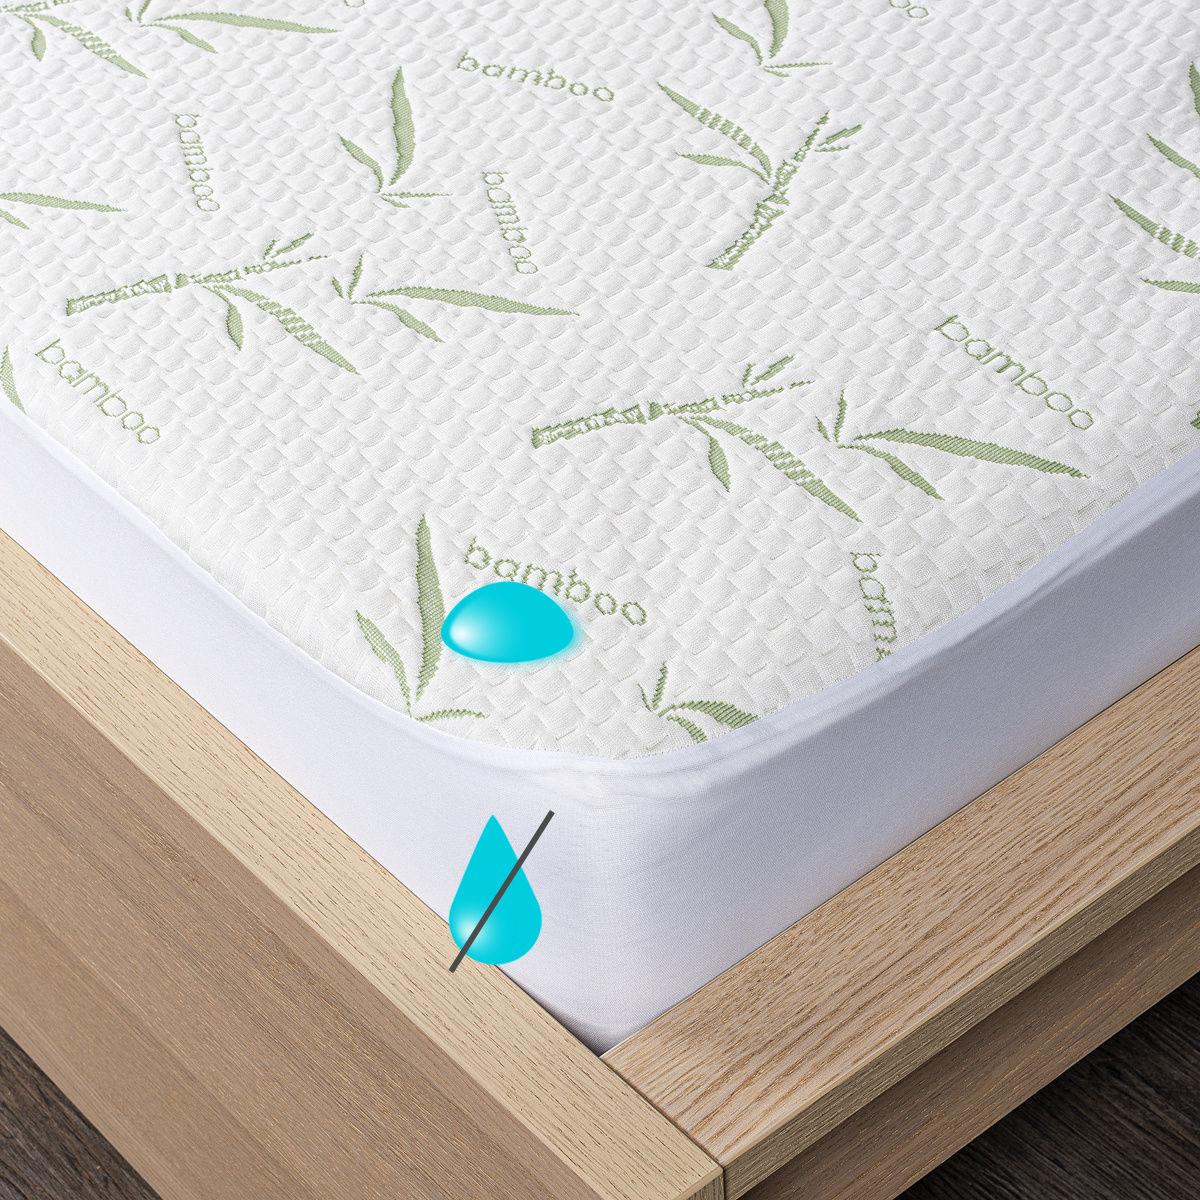 4Home Bamboo wodoodporny ochraniacz na materac z lamówką, 60 x 120 cm + 15 cm, 60 x 120 cm